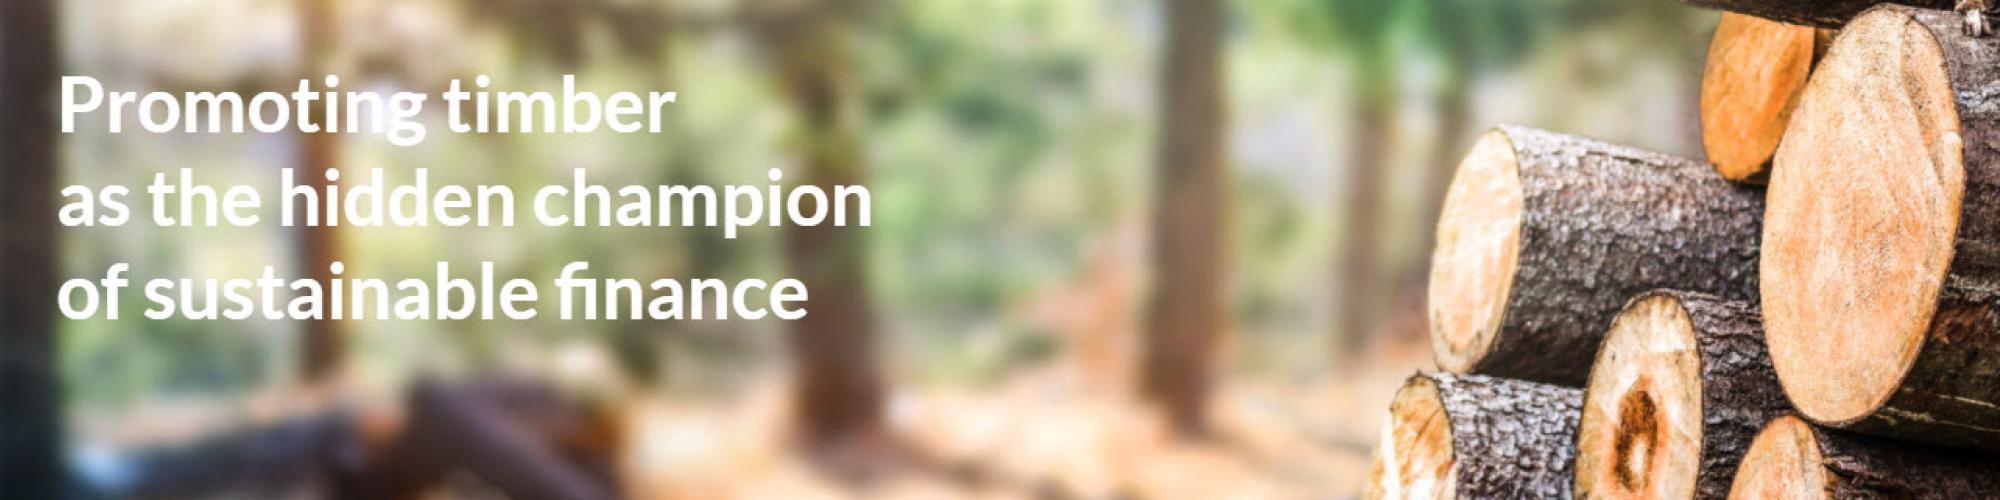 Timber Finance Initiative